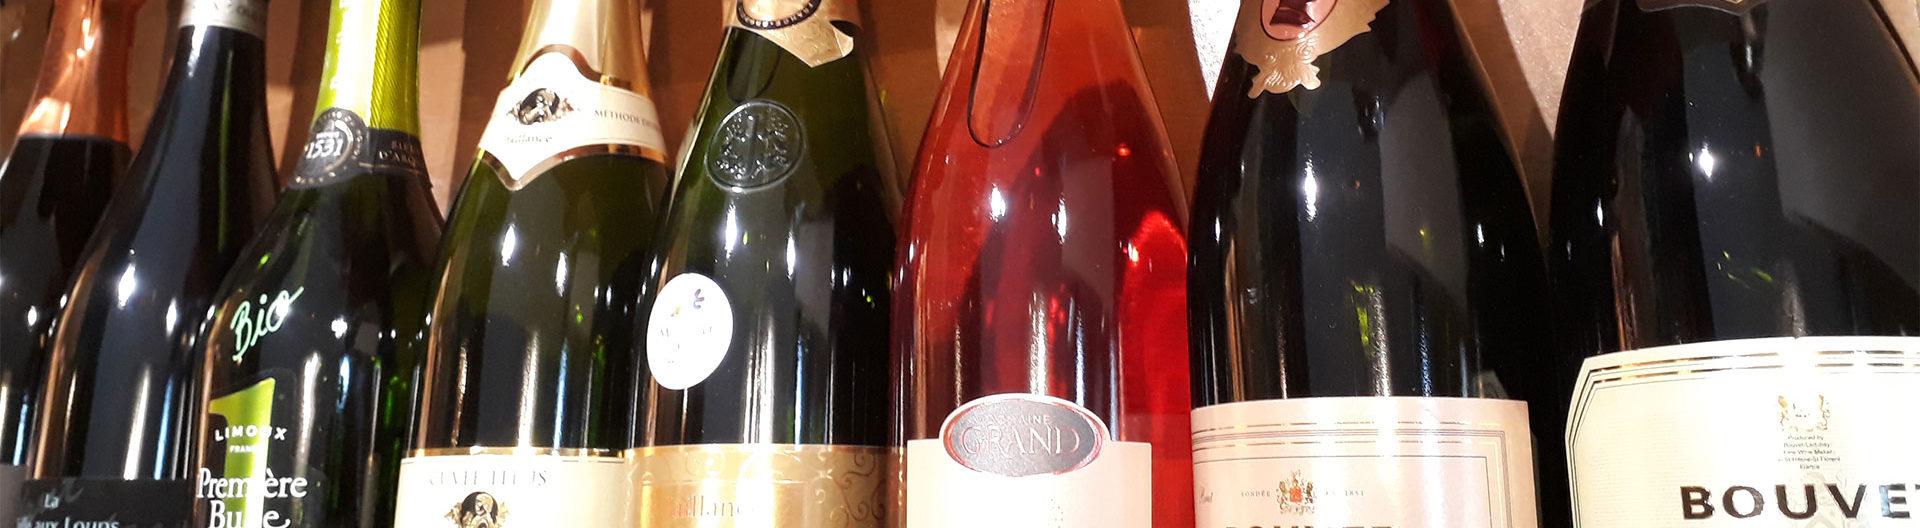 vins à bulles